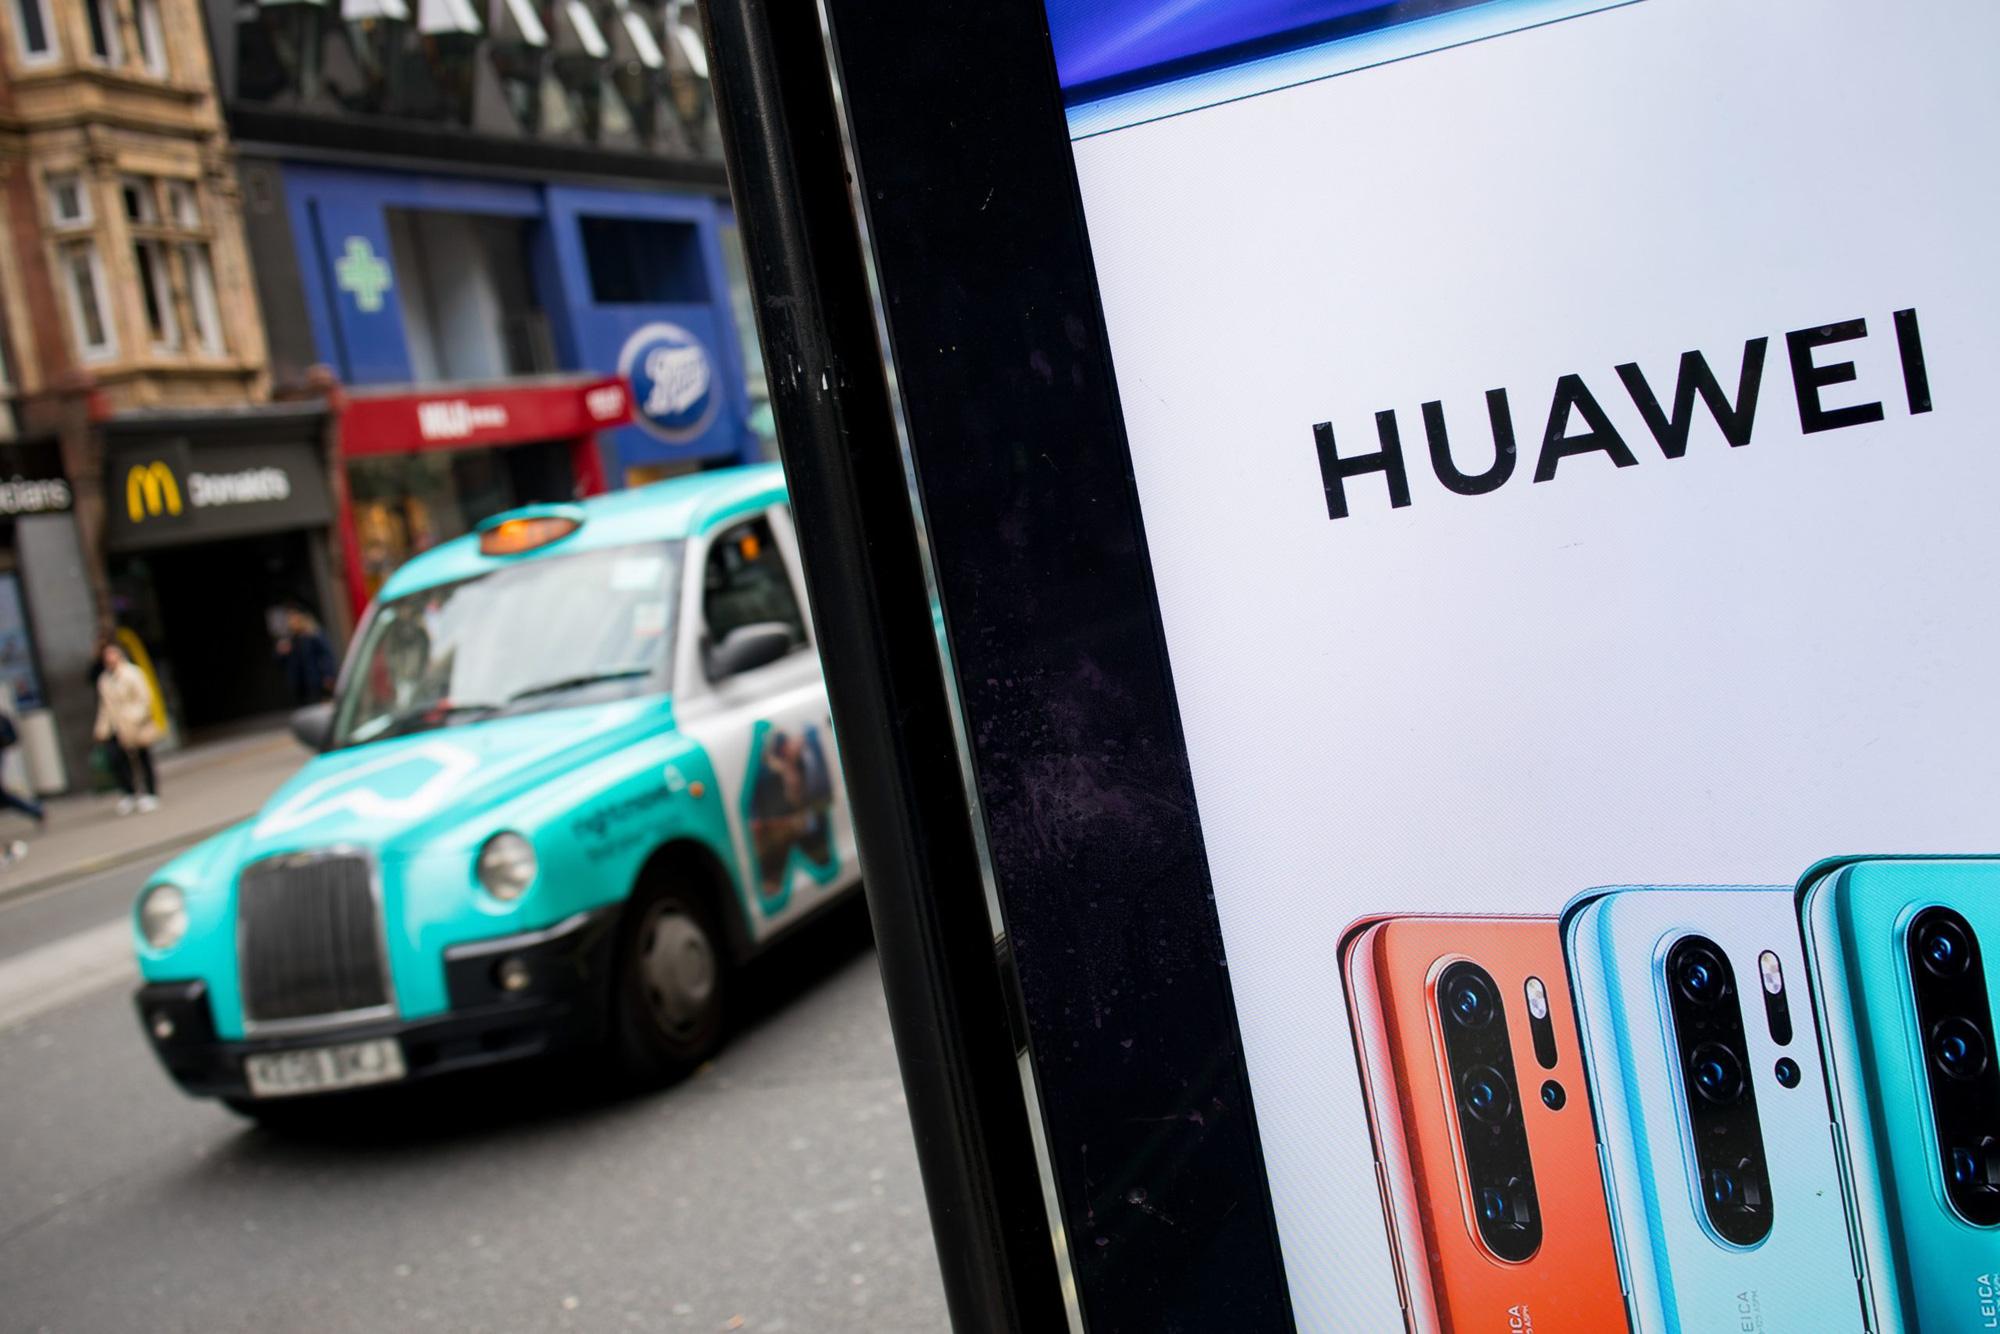 Huawei thực sự lao đao vì lệnh trừng phạt của Mỹ. Ảnh: @AFP.